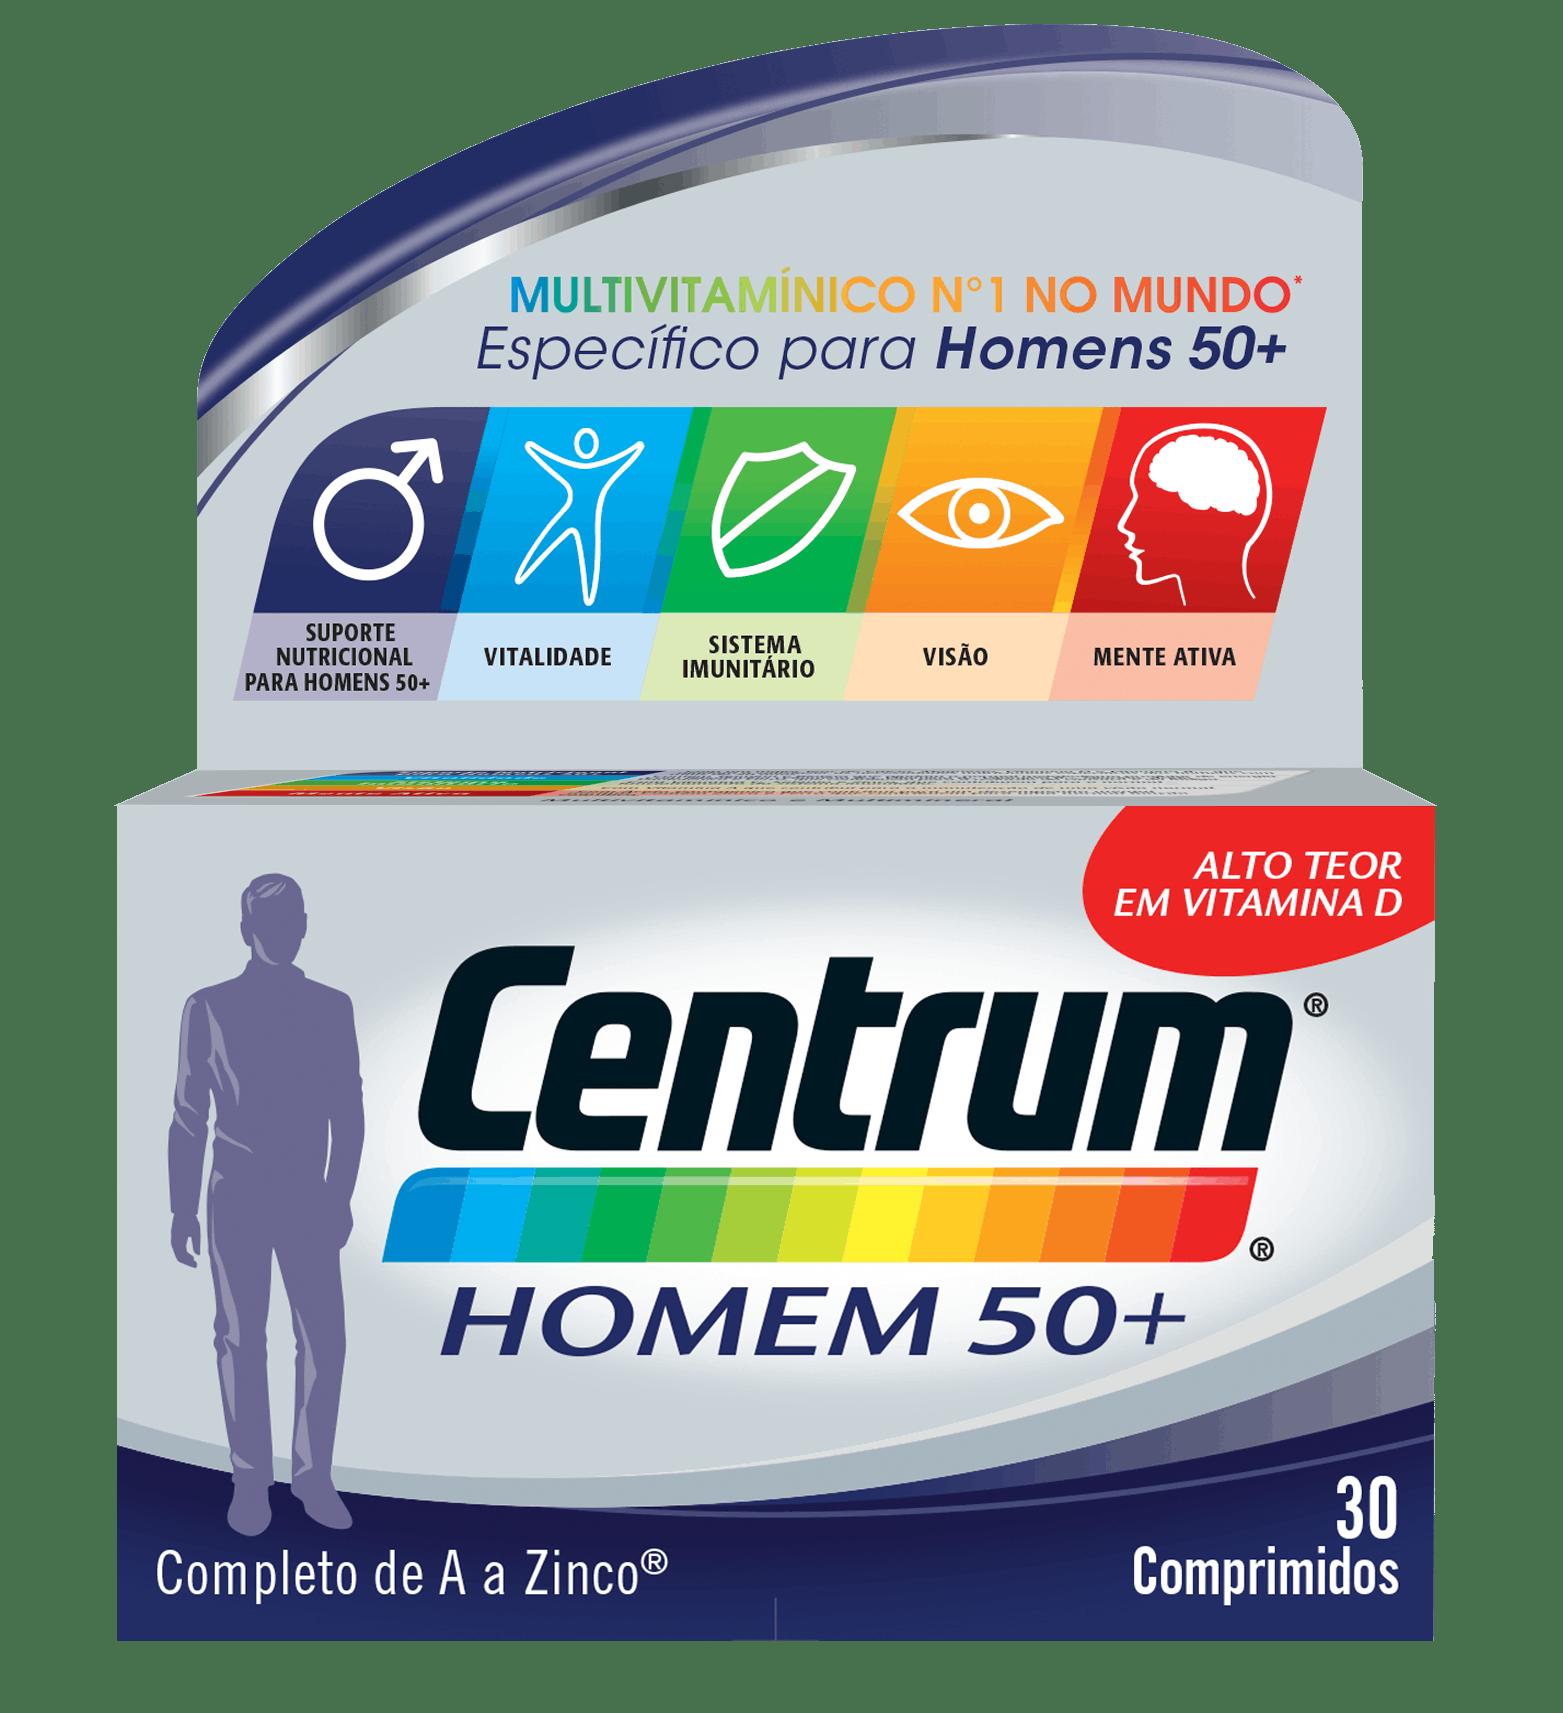 Centrum Homem 50+